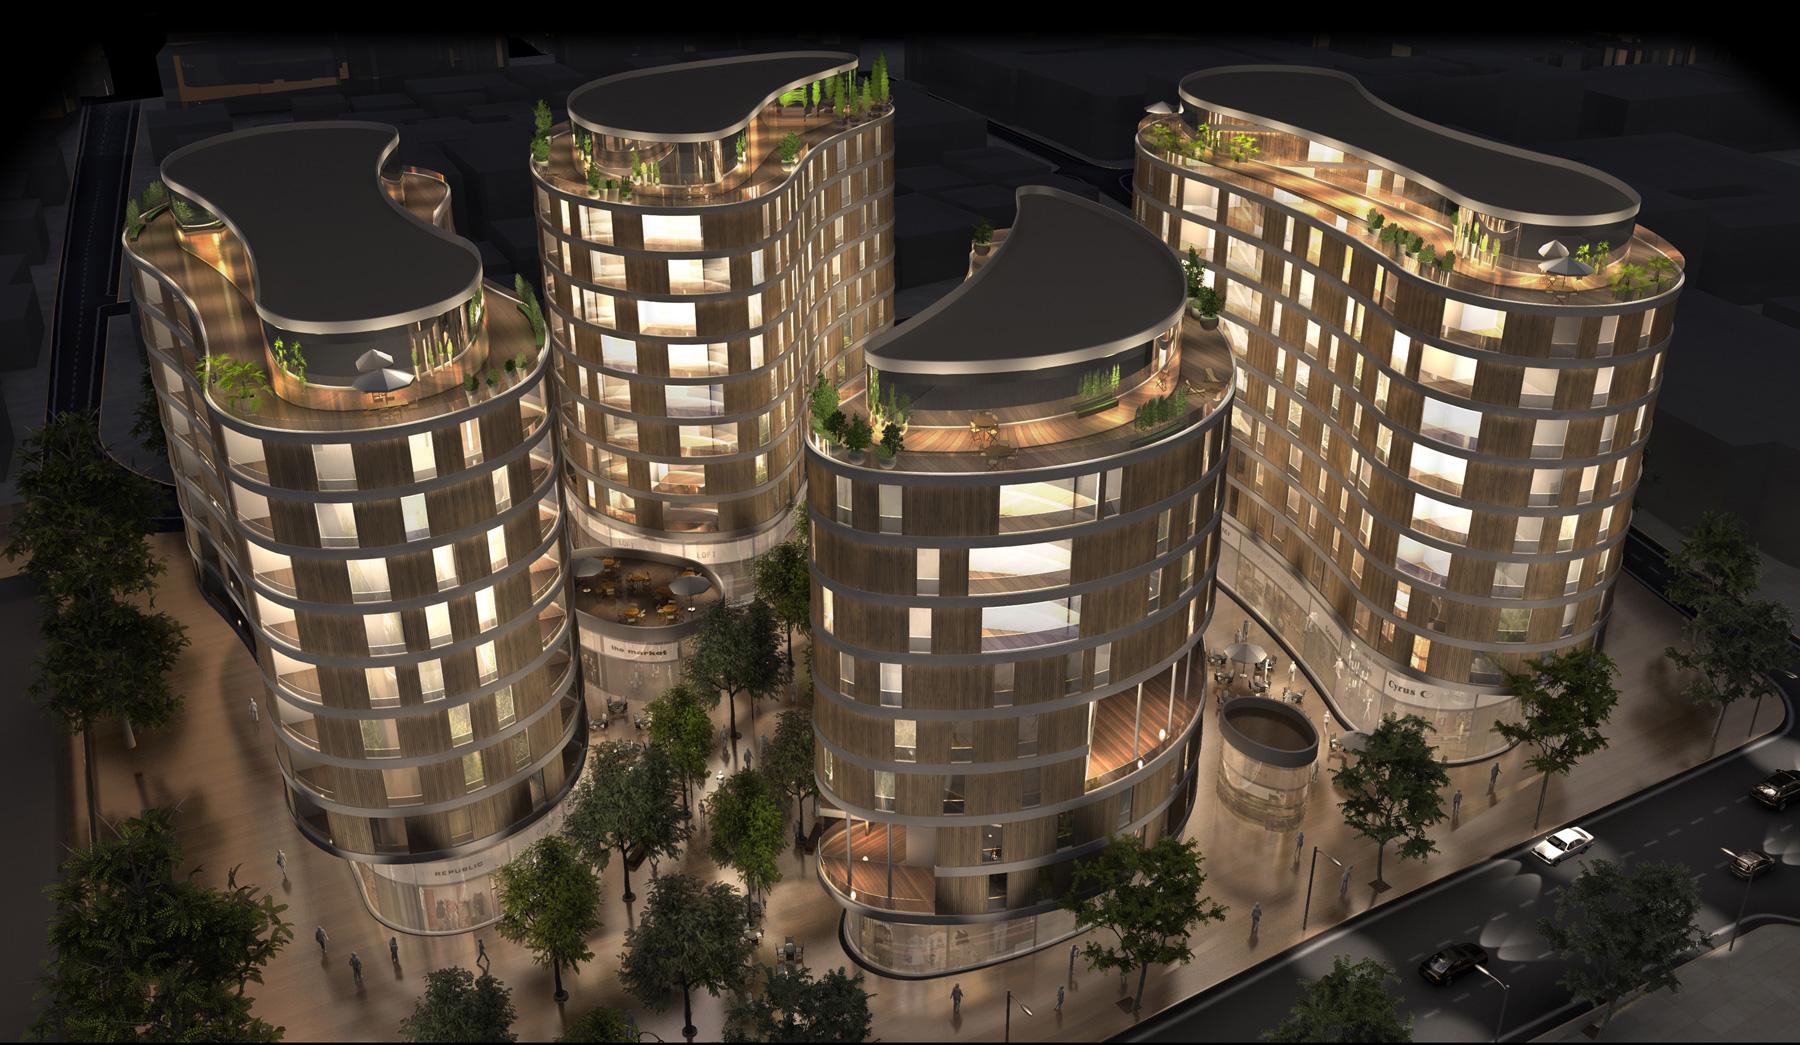 מפגש 5: אדריכל אילן פיבקו – על אדריכלות ומקום